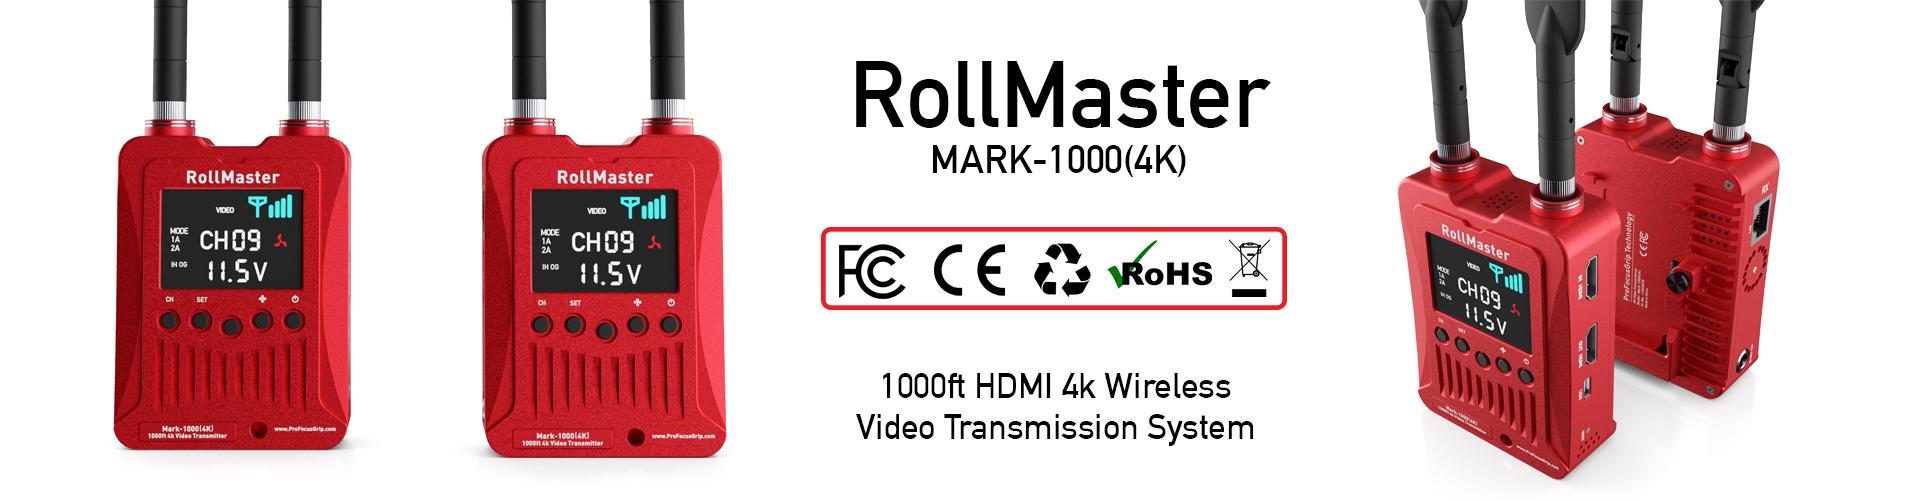 RollMaster 4K